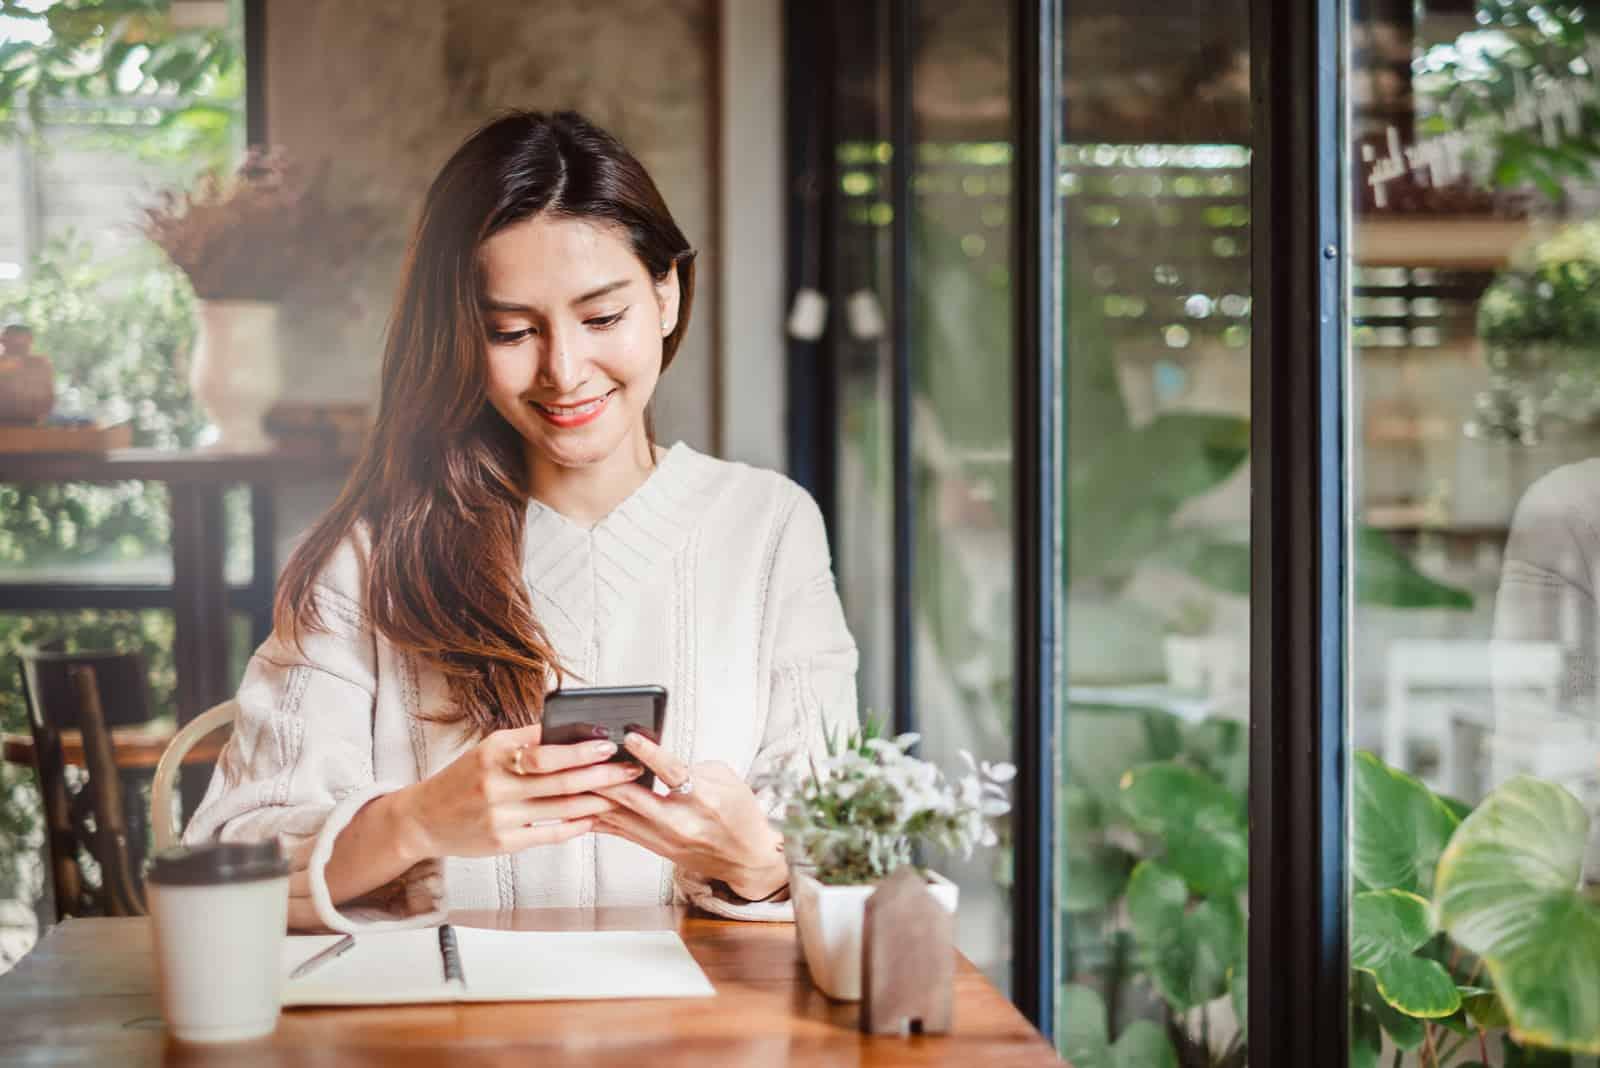 une belle femme aux cheveux bruns est assise à une table et des touches au téléphone